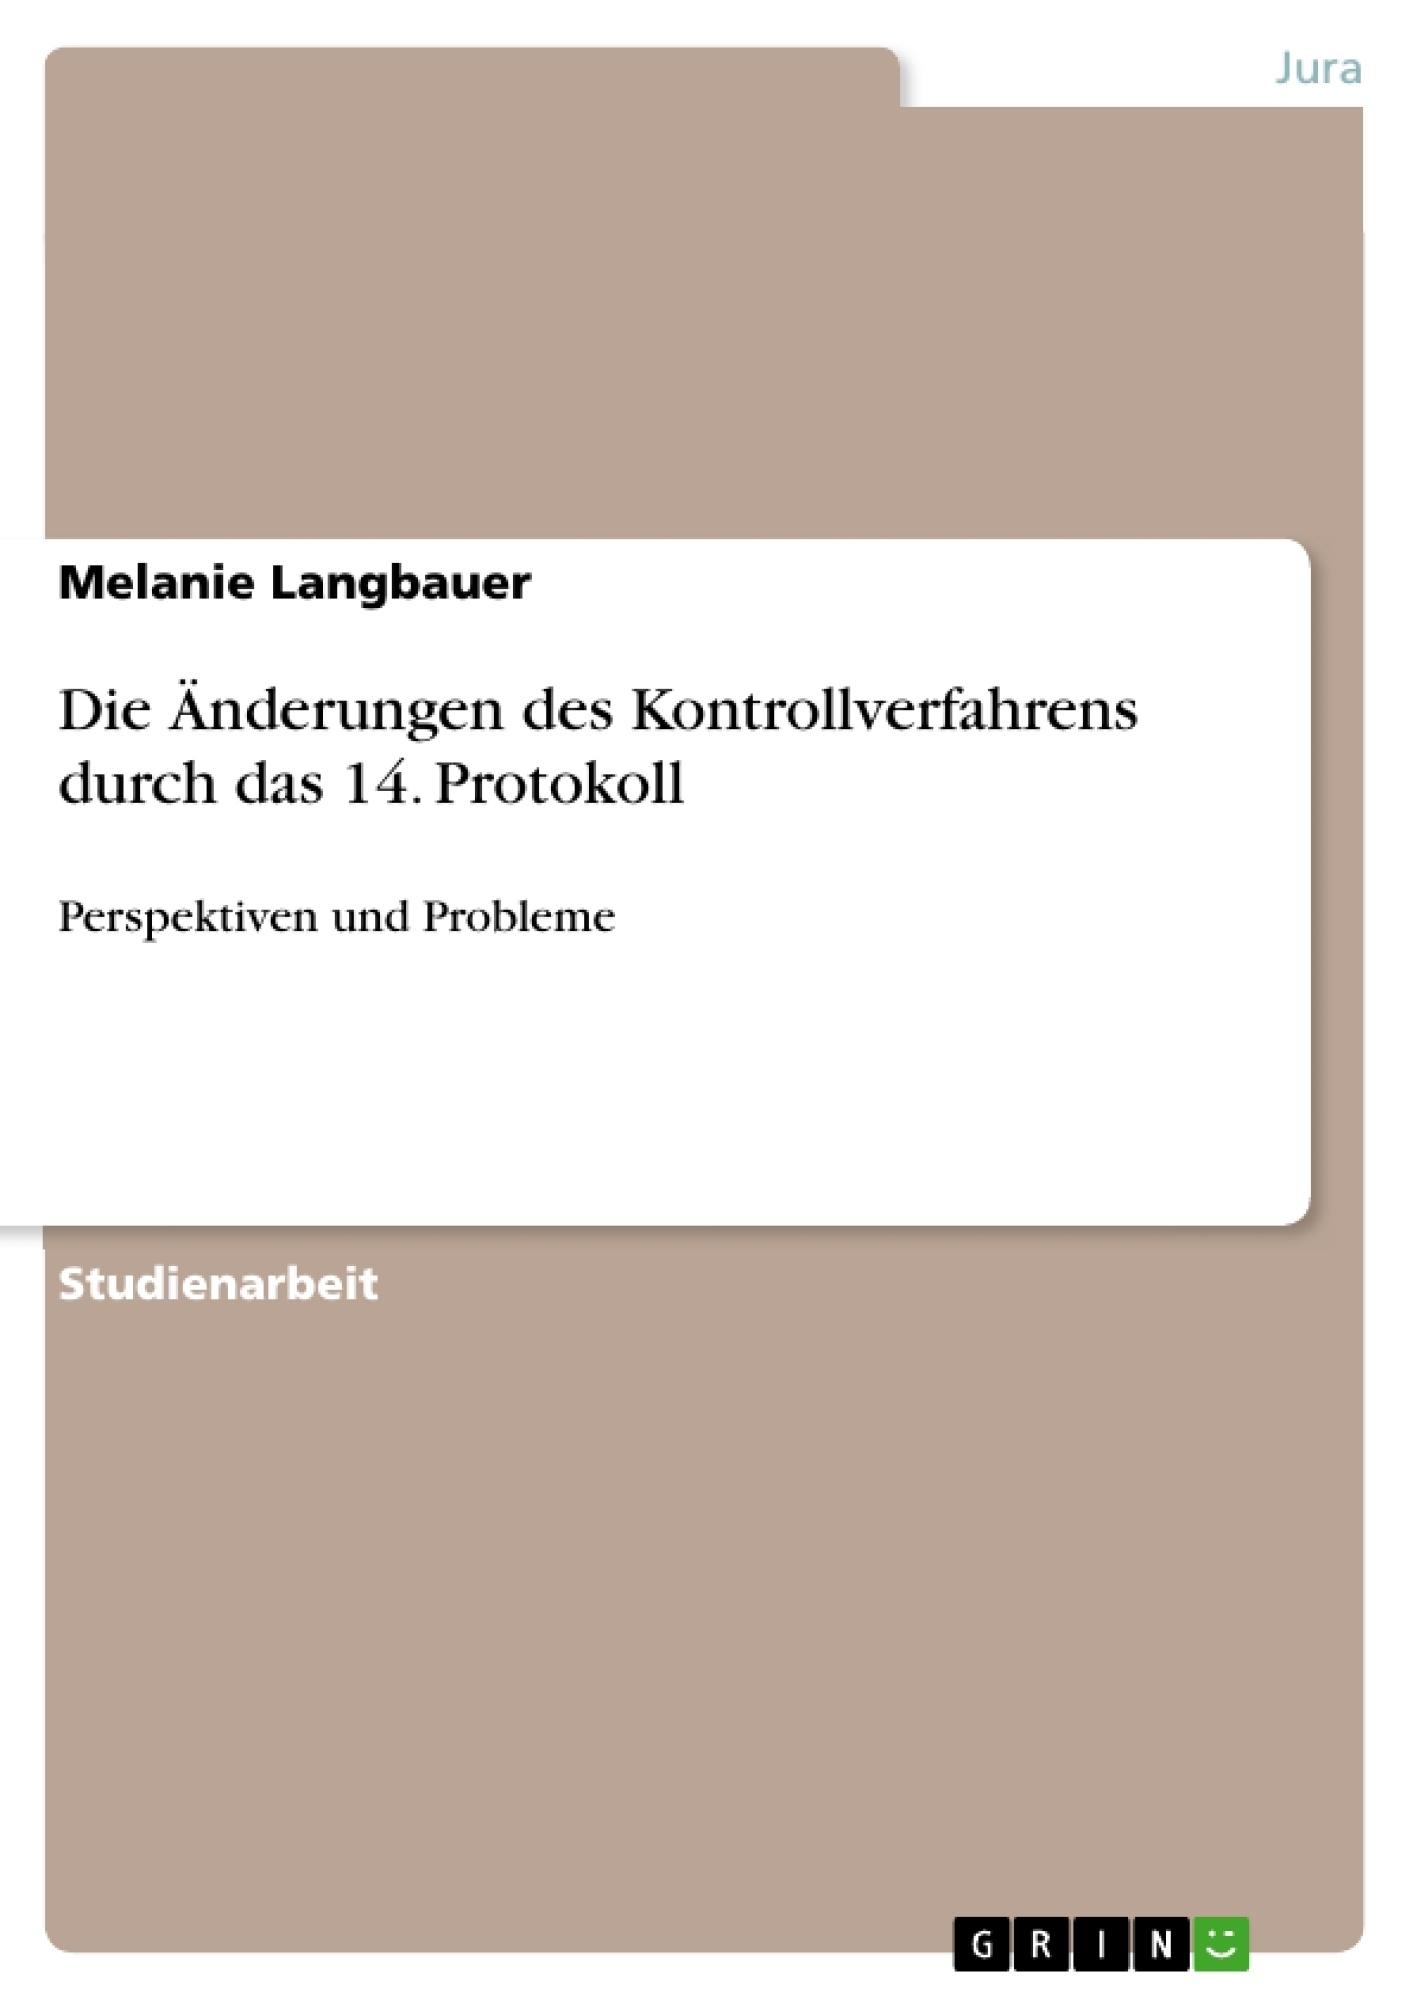 Titel: Die Änderungen des Kontrollverfahrens durch das 14. Protokoll